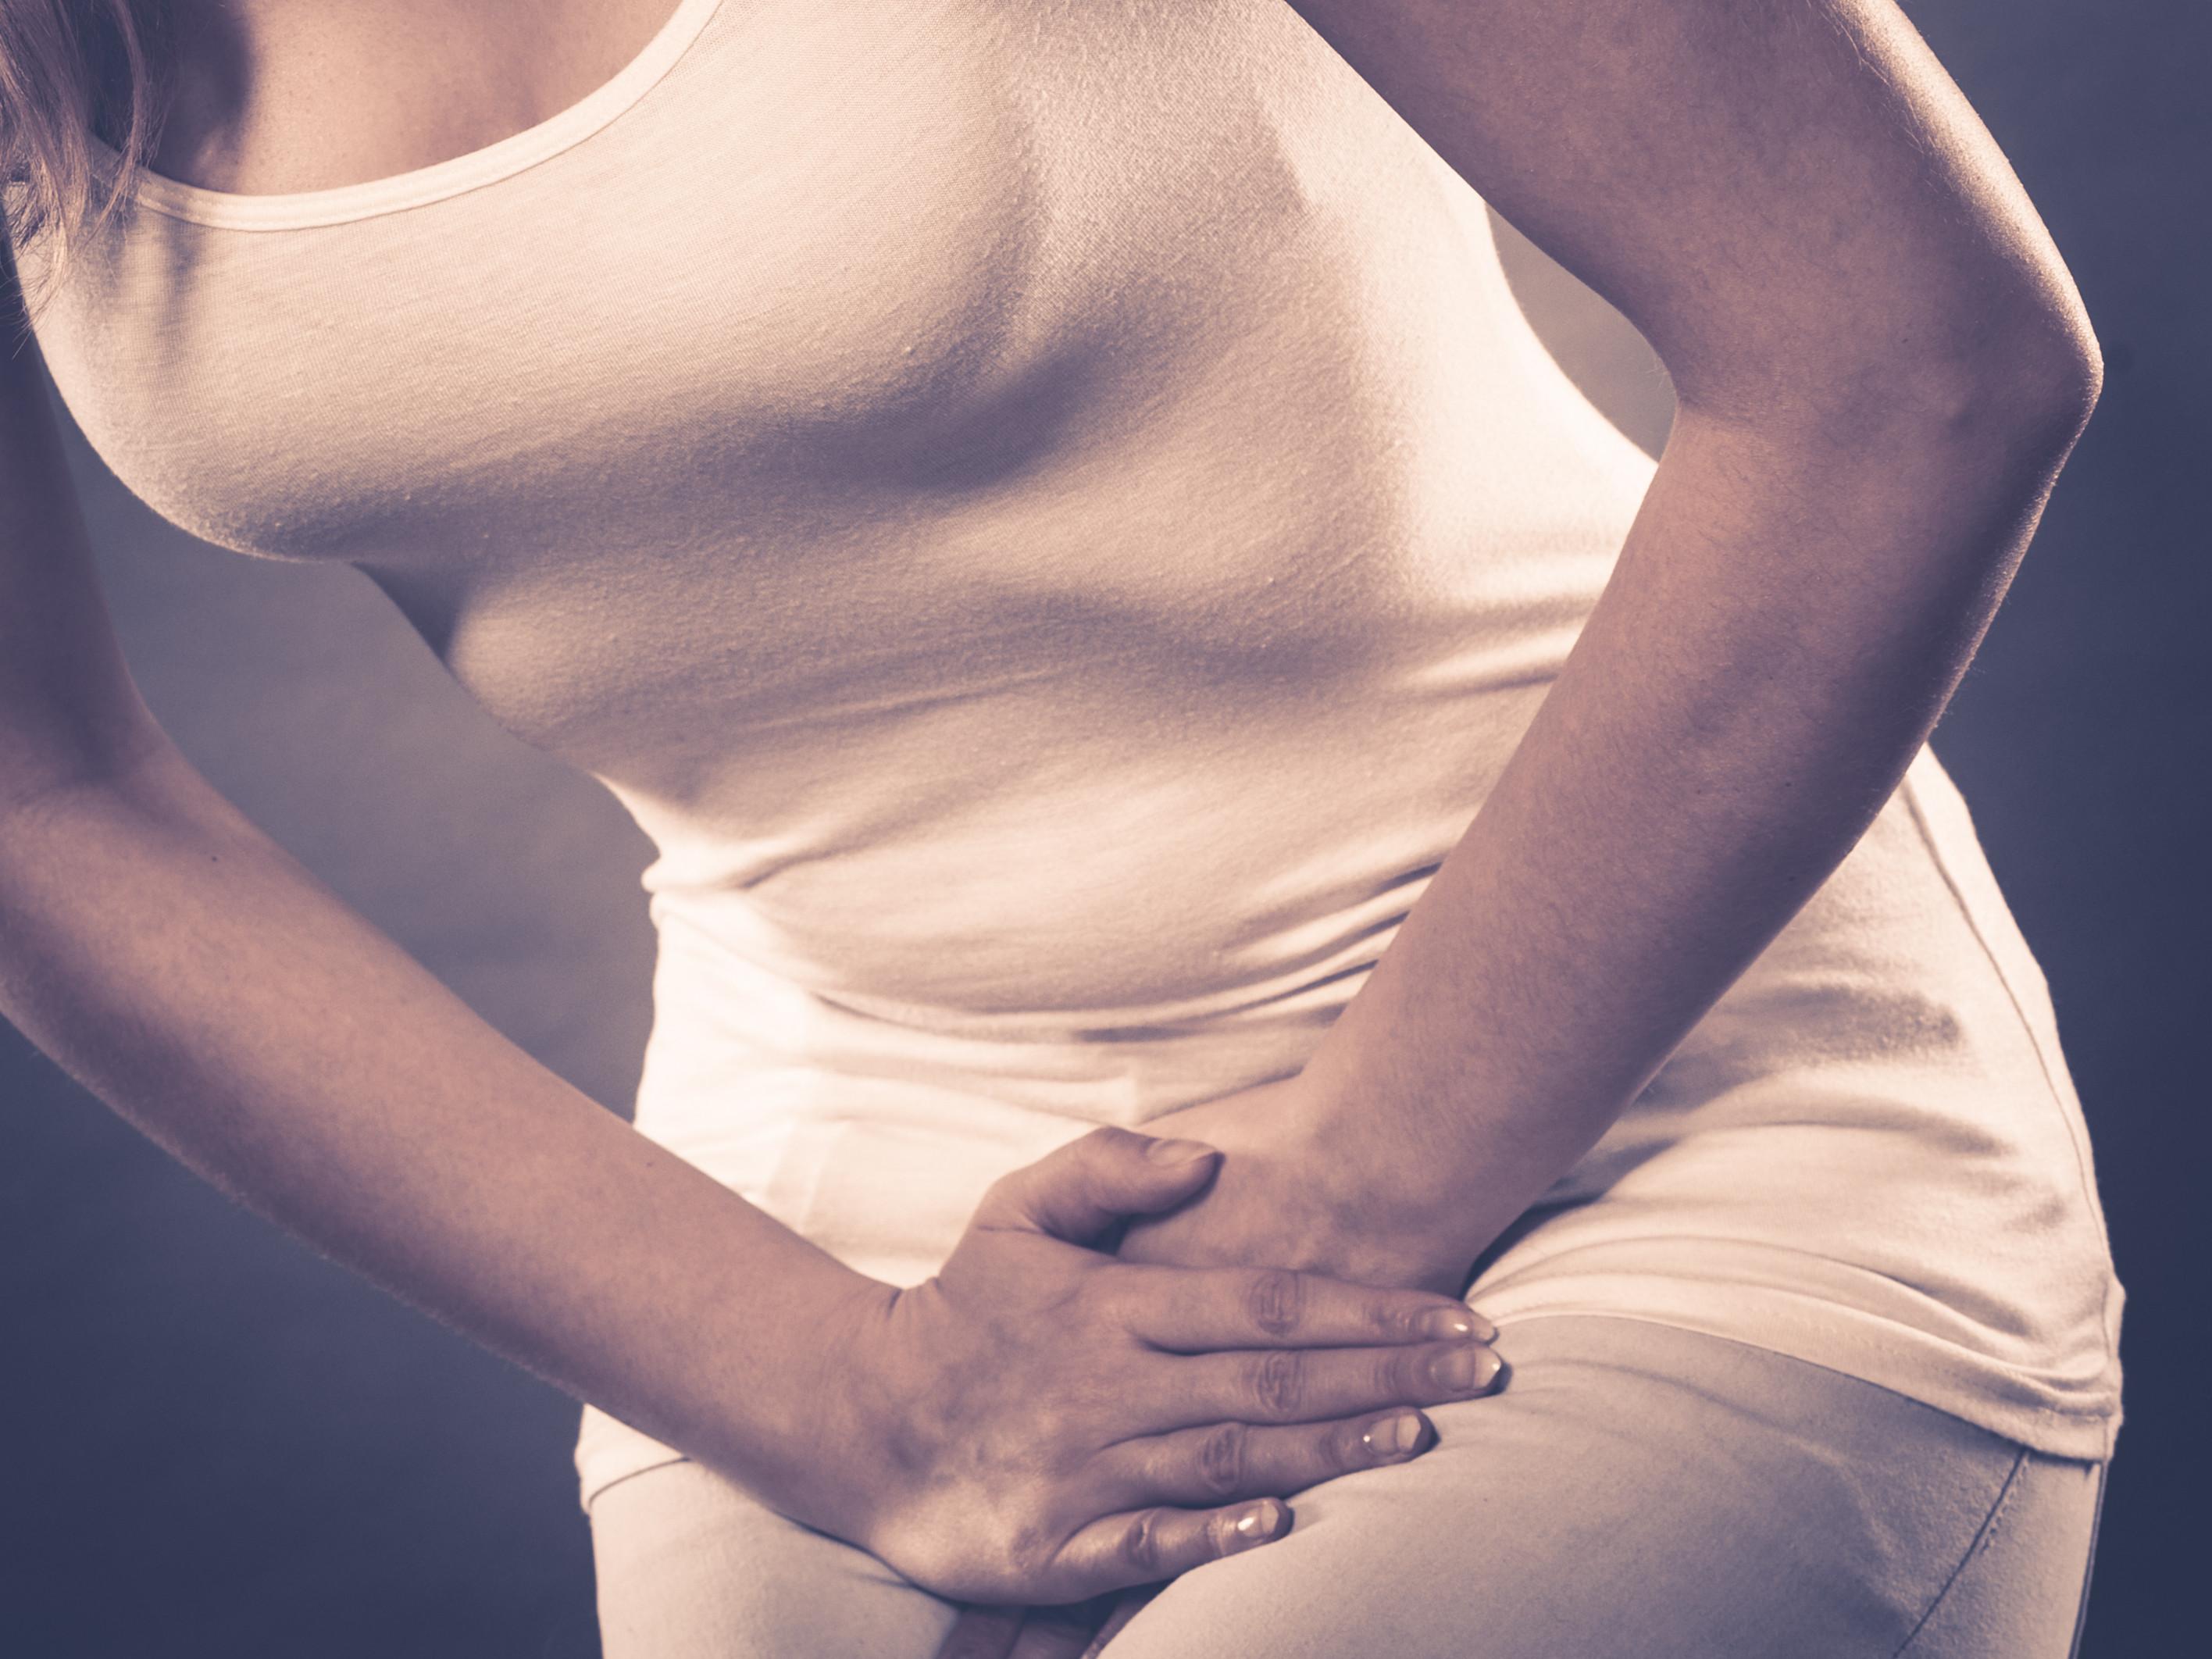 Atrofia vaginal: Os dez sintomas mais comuns da condição debilitante